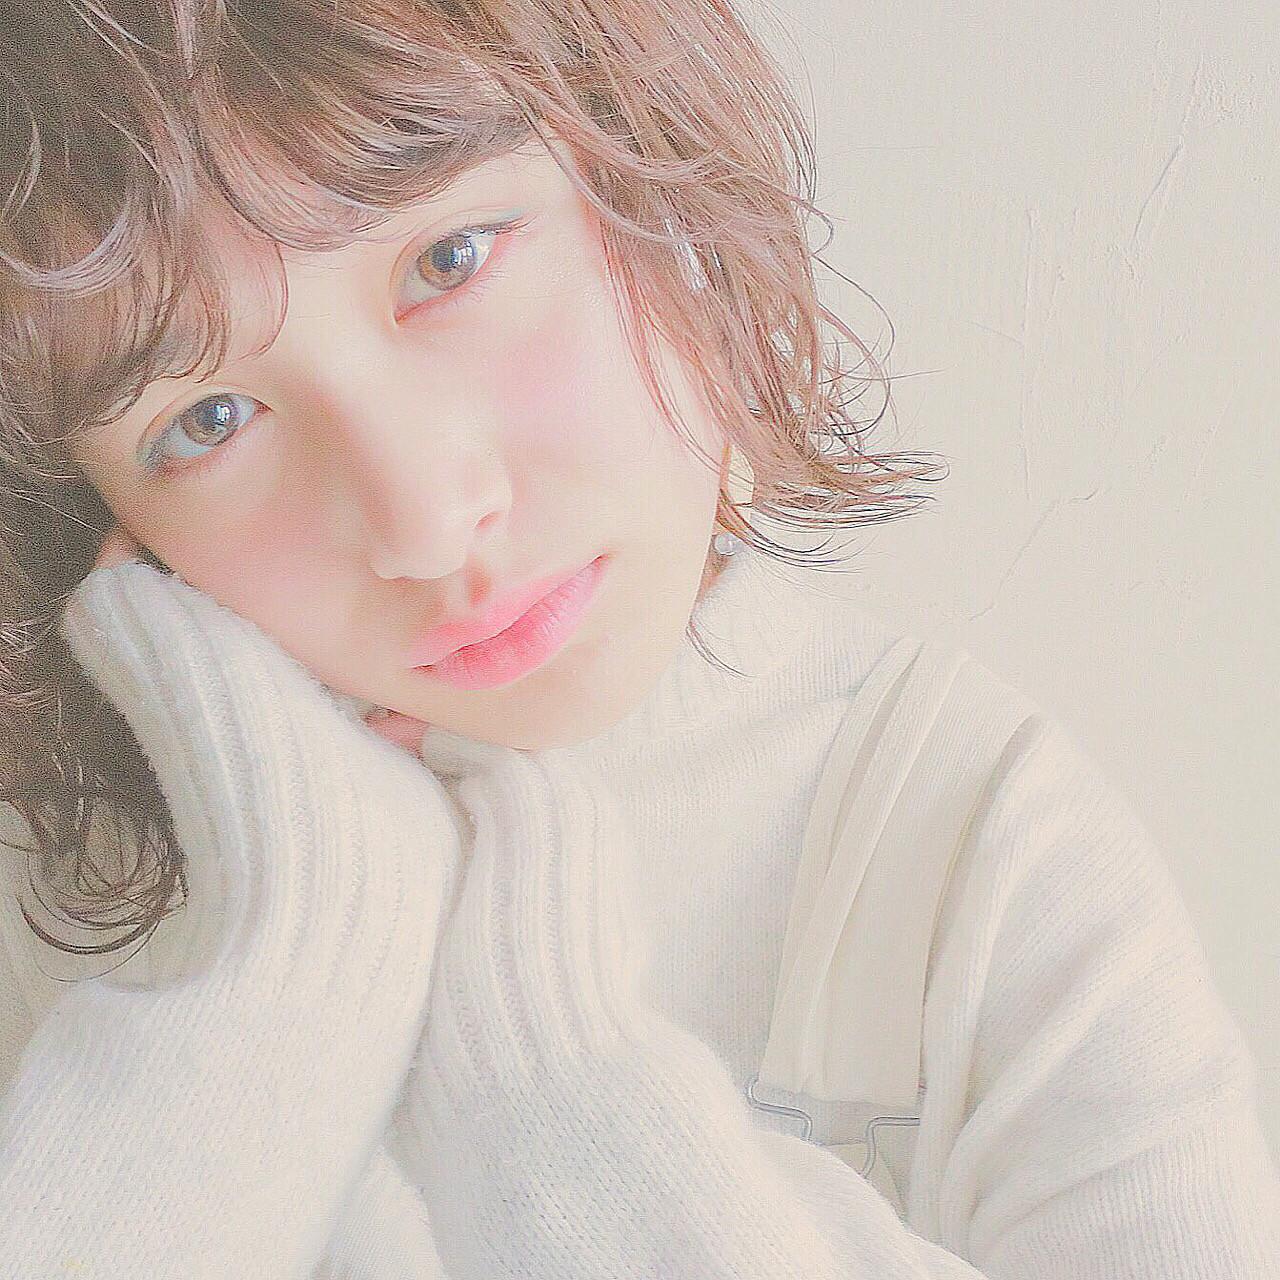 シースルーバング 外国人風 モテ髪 ショートバング ヘアスタイルや髪型の写真・画像 | 米澤香央里 / SYAN